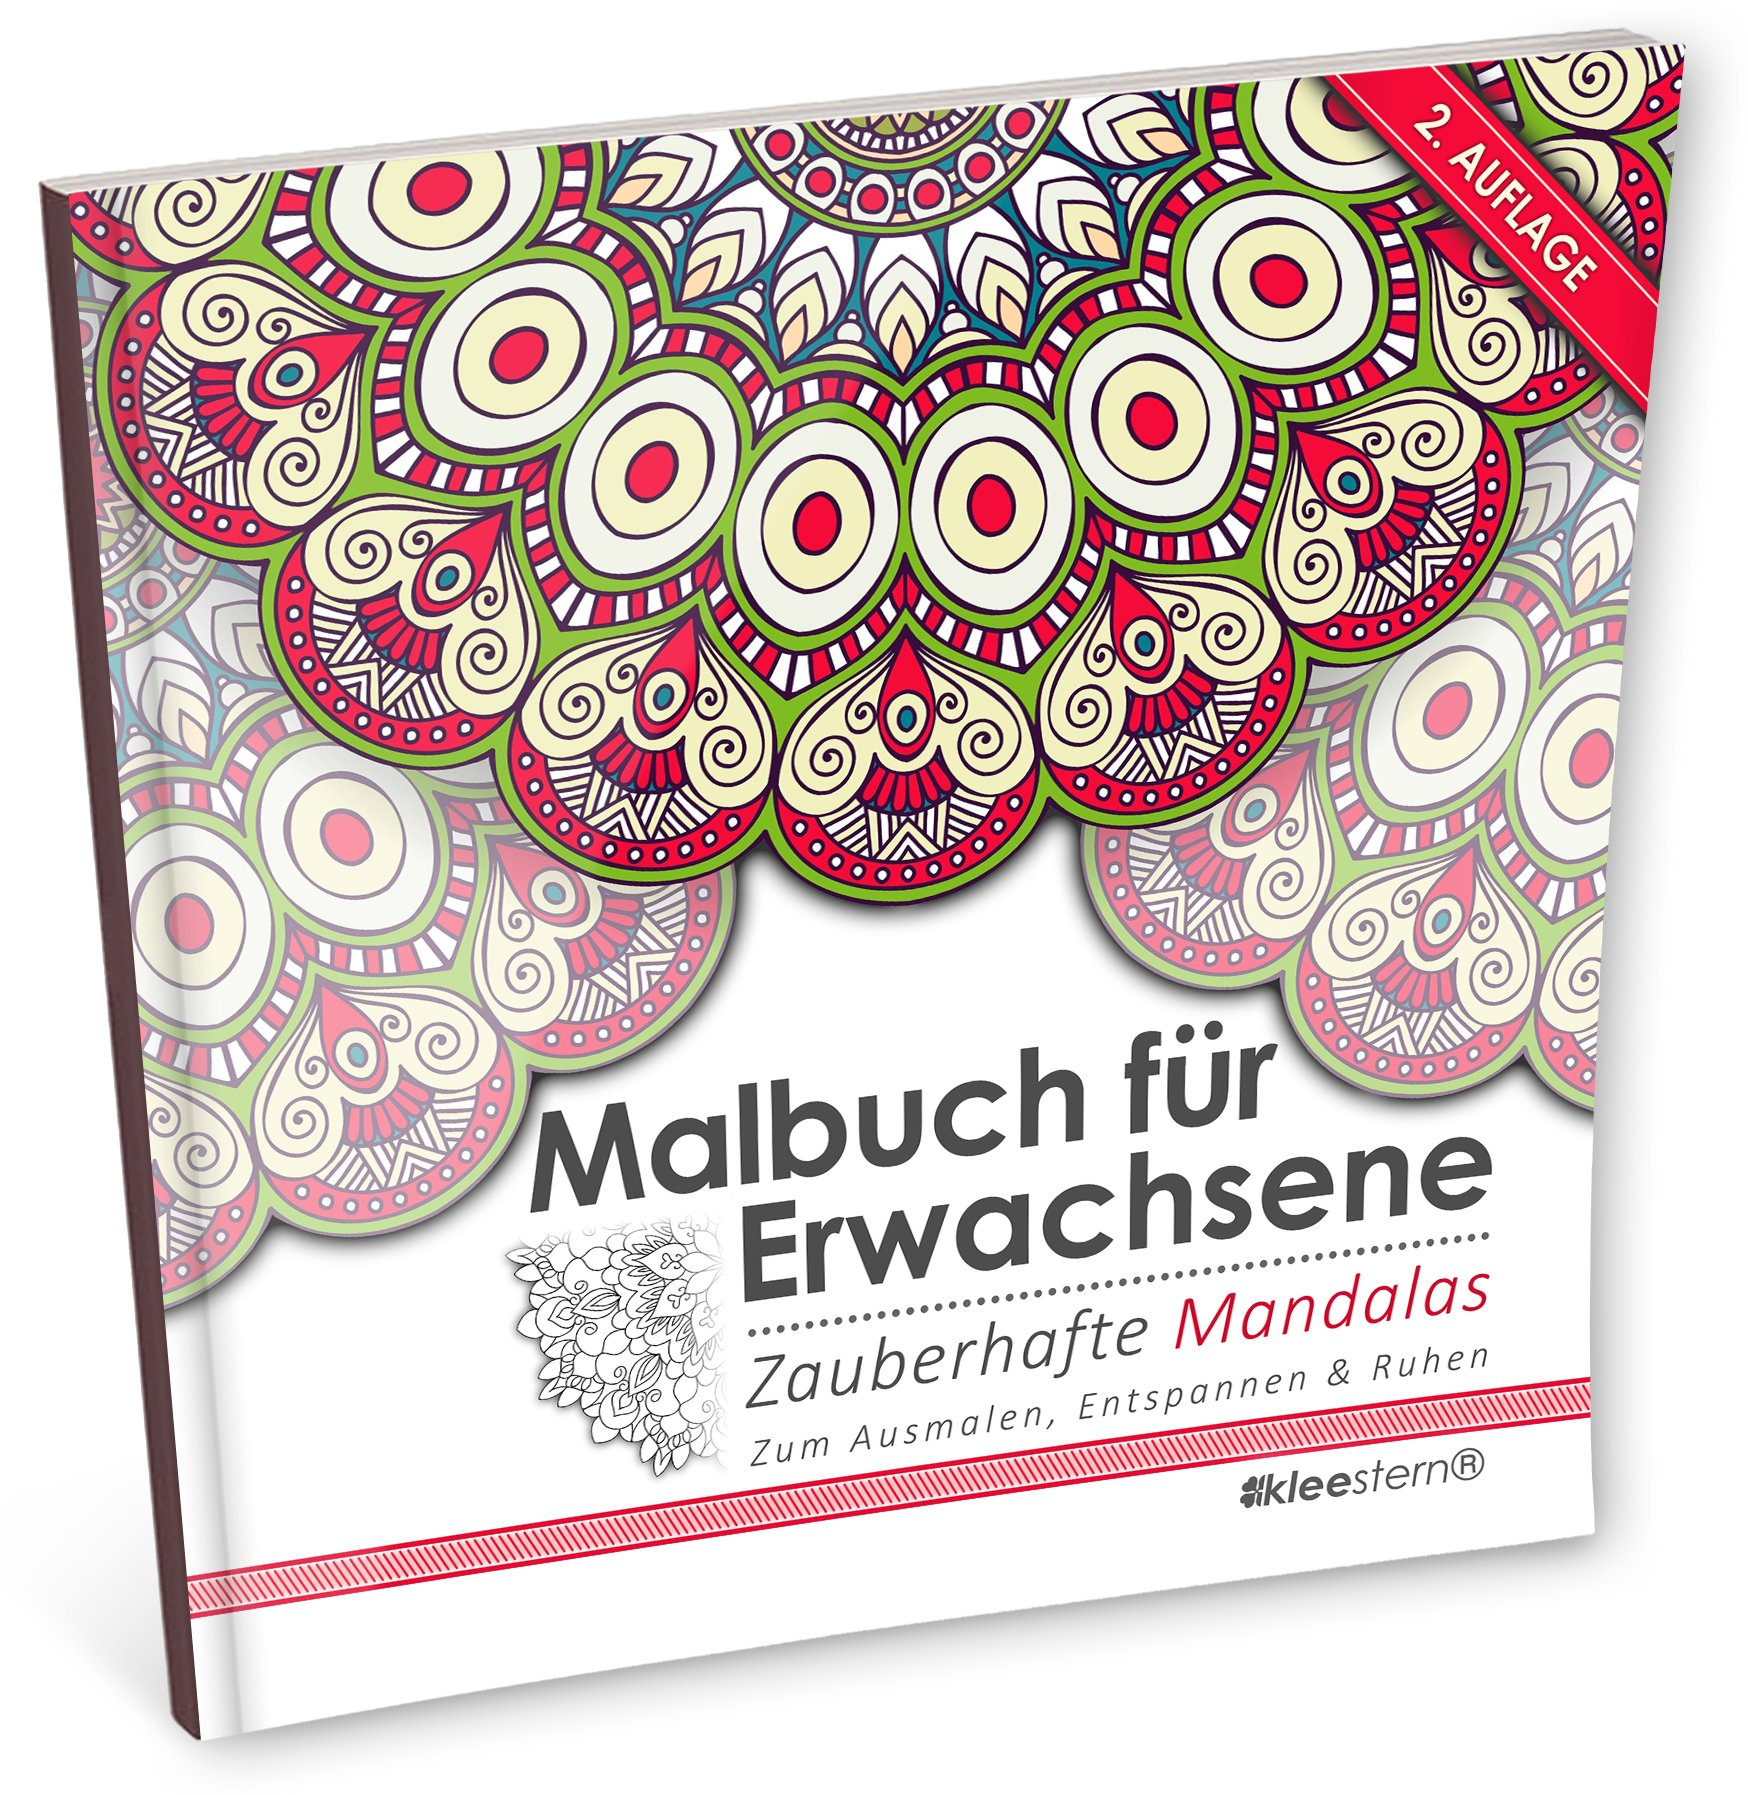 Malbuch für Erwachsene: Zauberhafte Mandalas zum Ausmalen ...